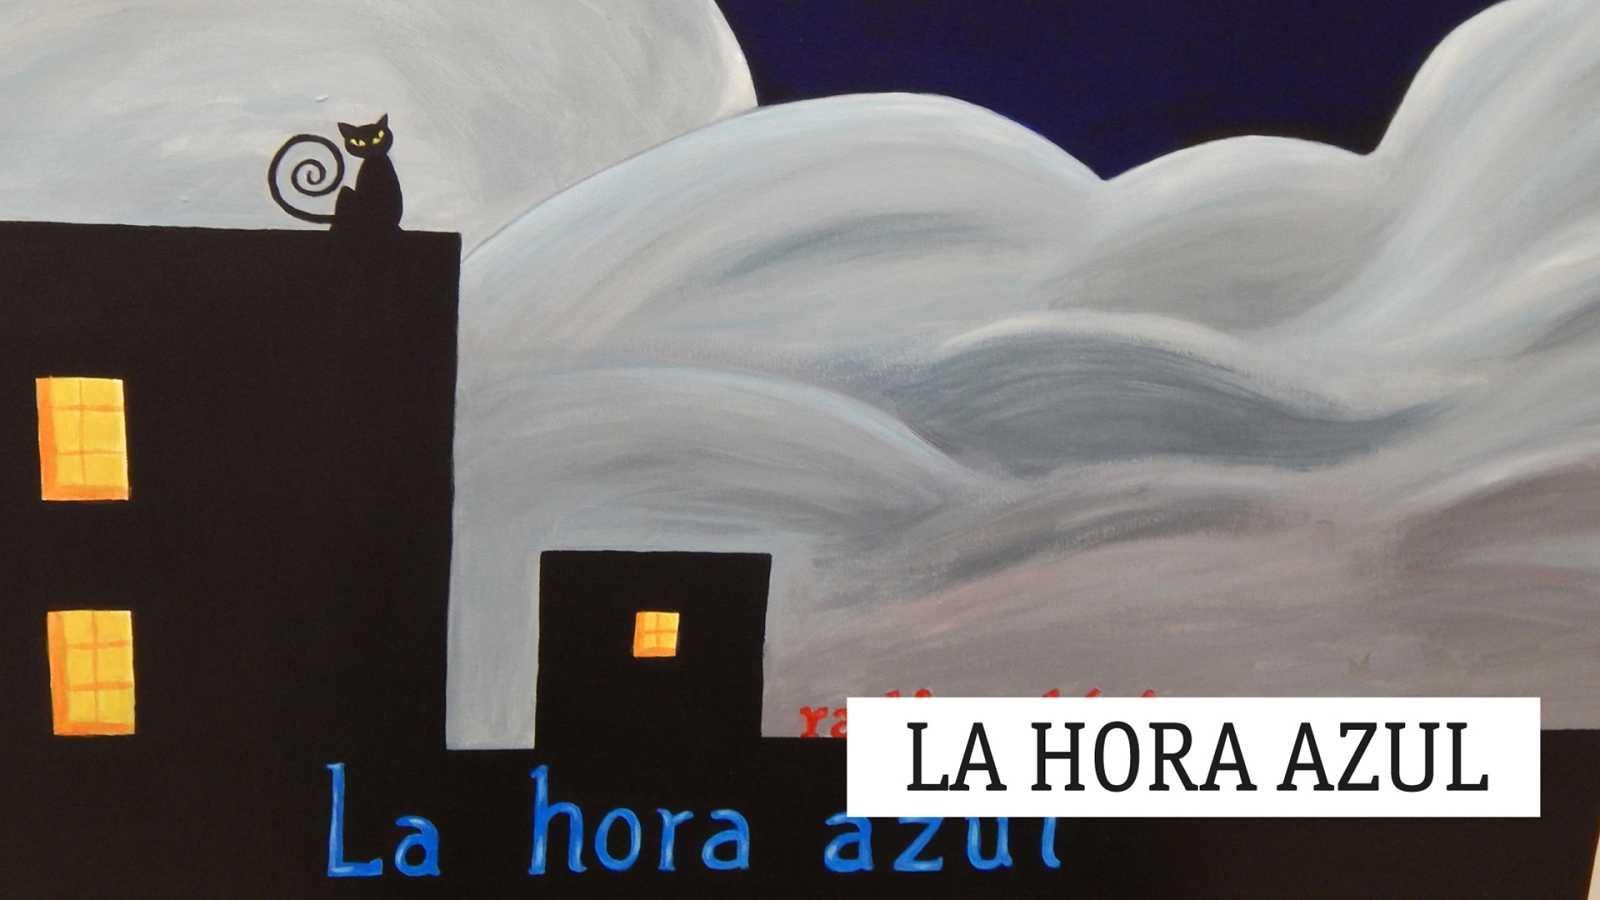 La hora azul - Paseos bajo la luz de la luna - 23/02/21 - escuchar ahora